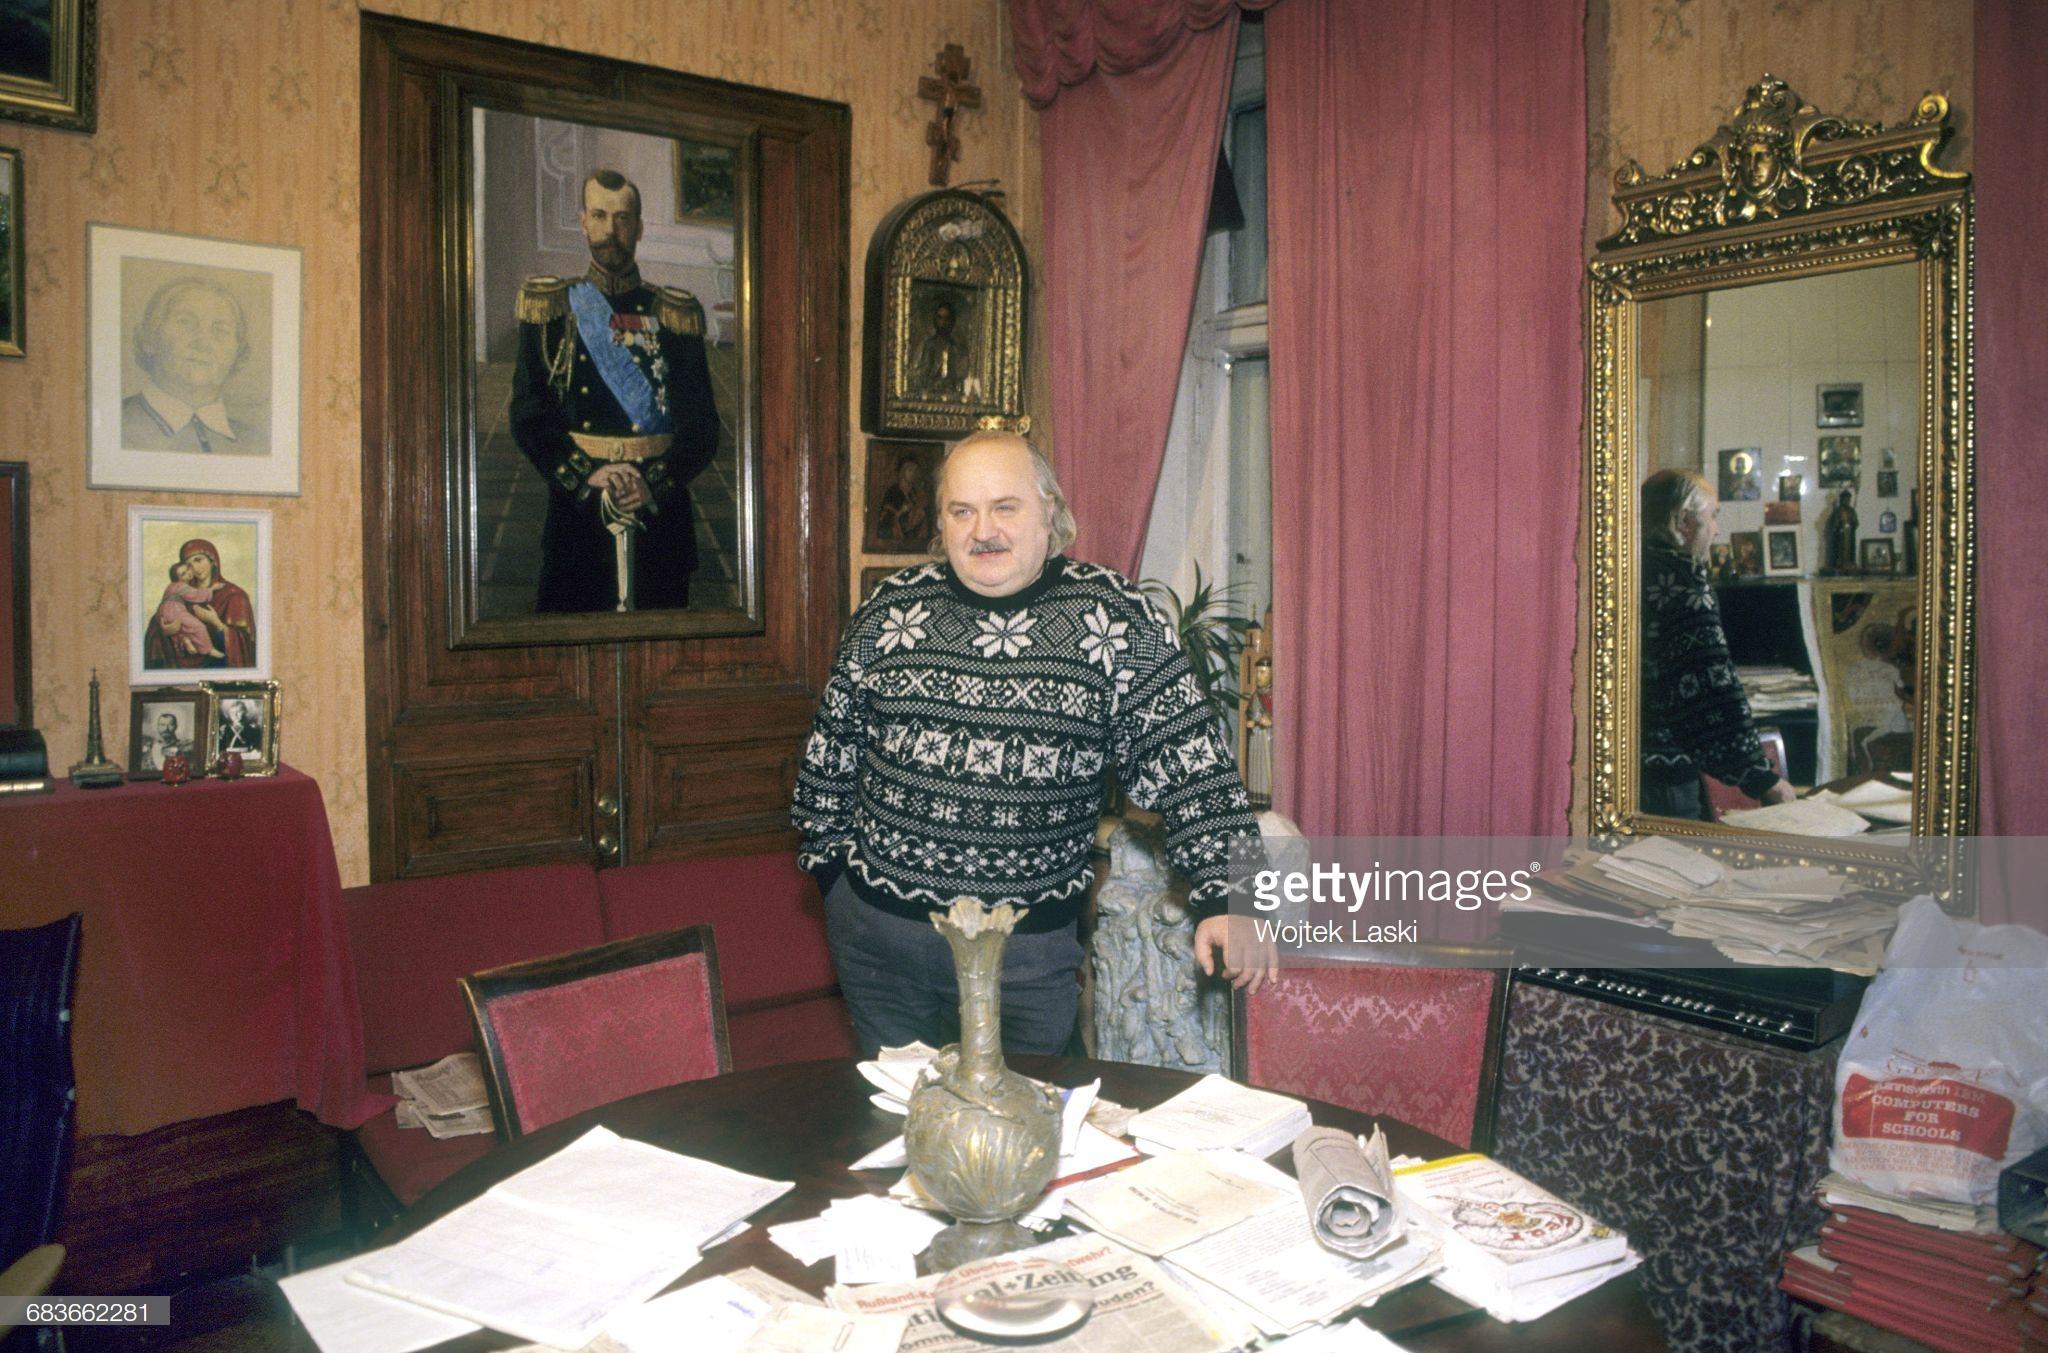 Дмитрий Васильев в своей квартире. Декабрь